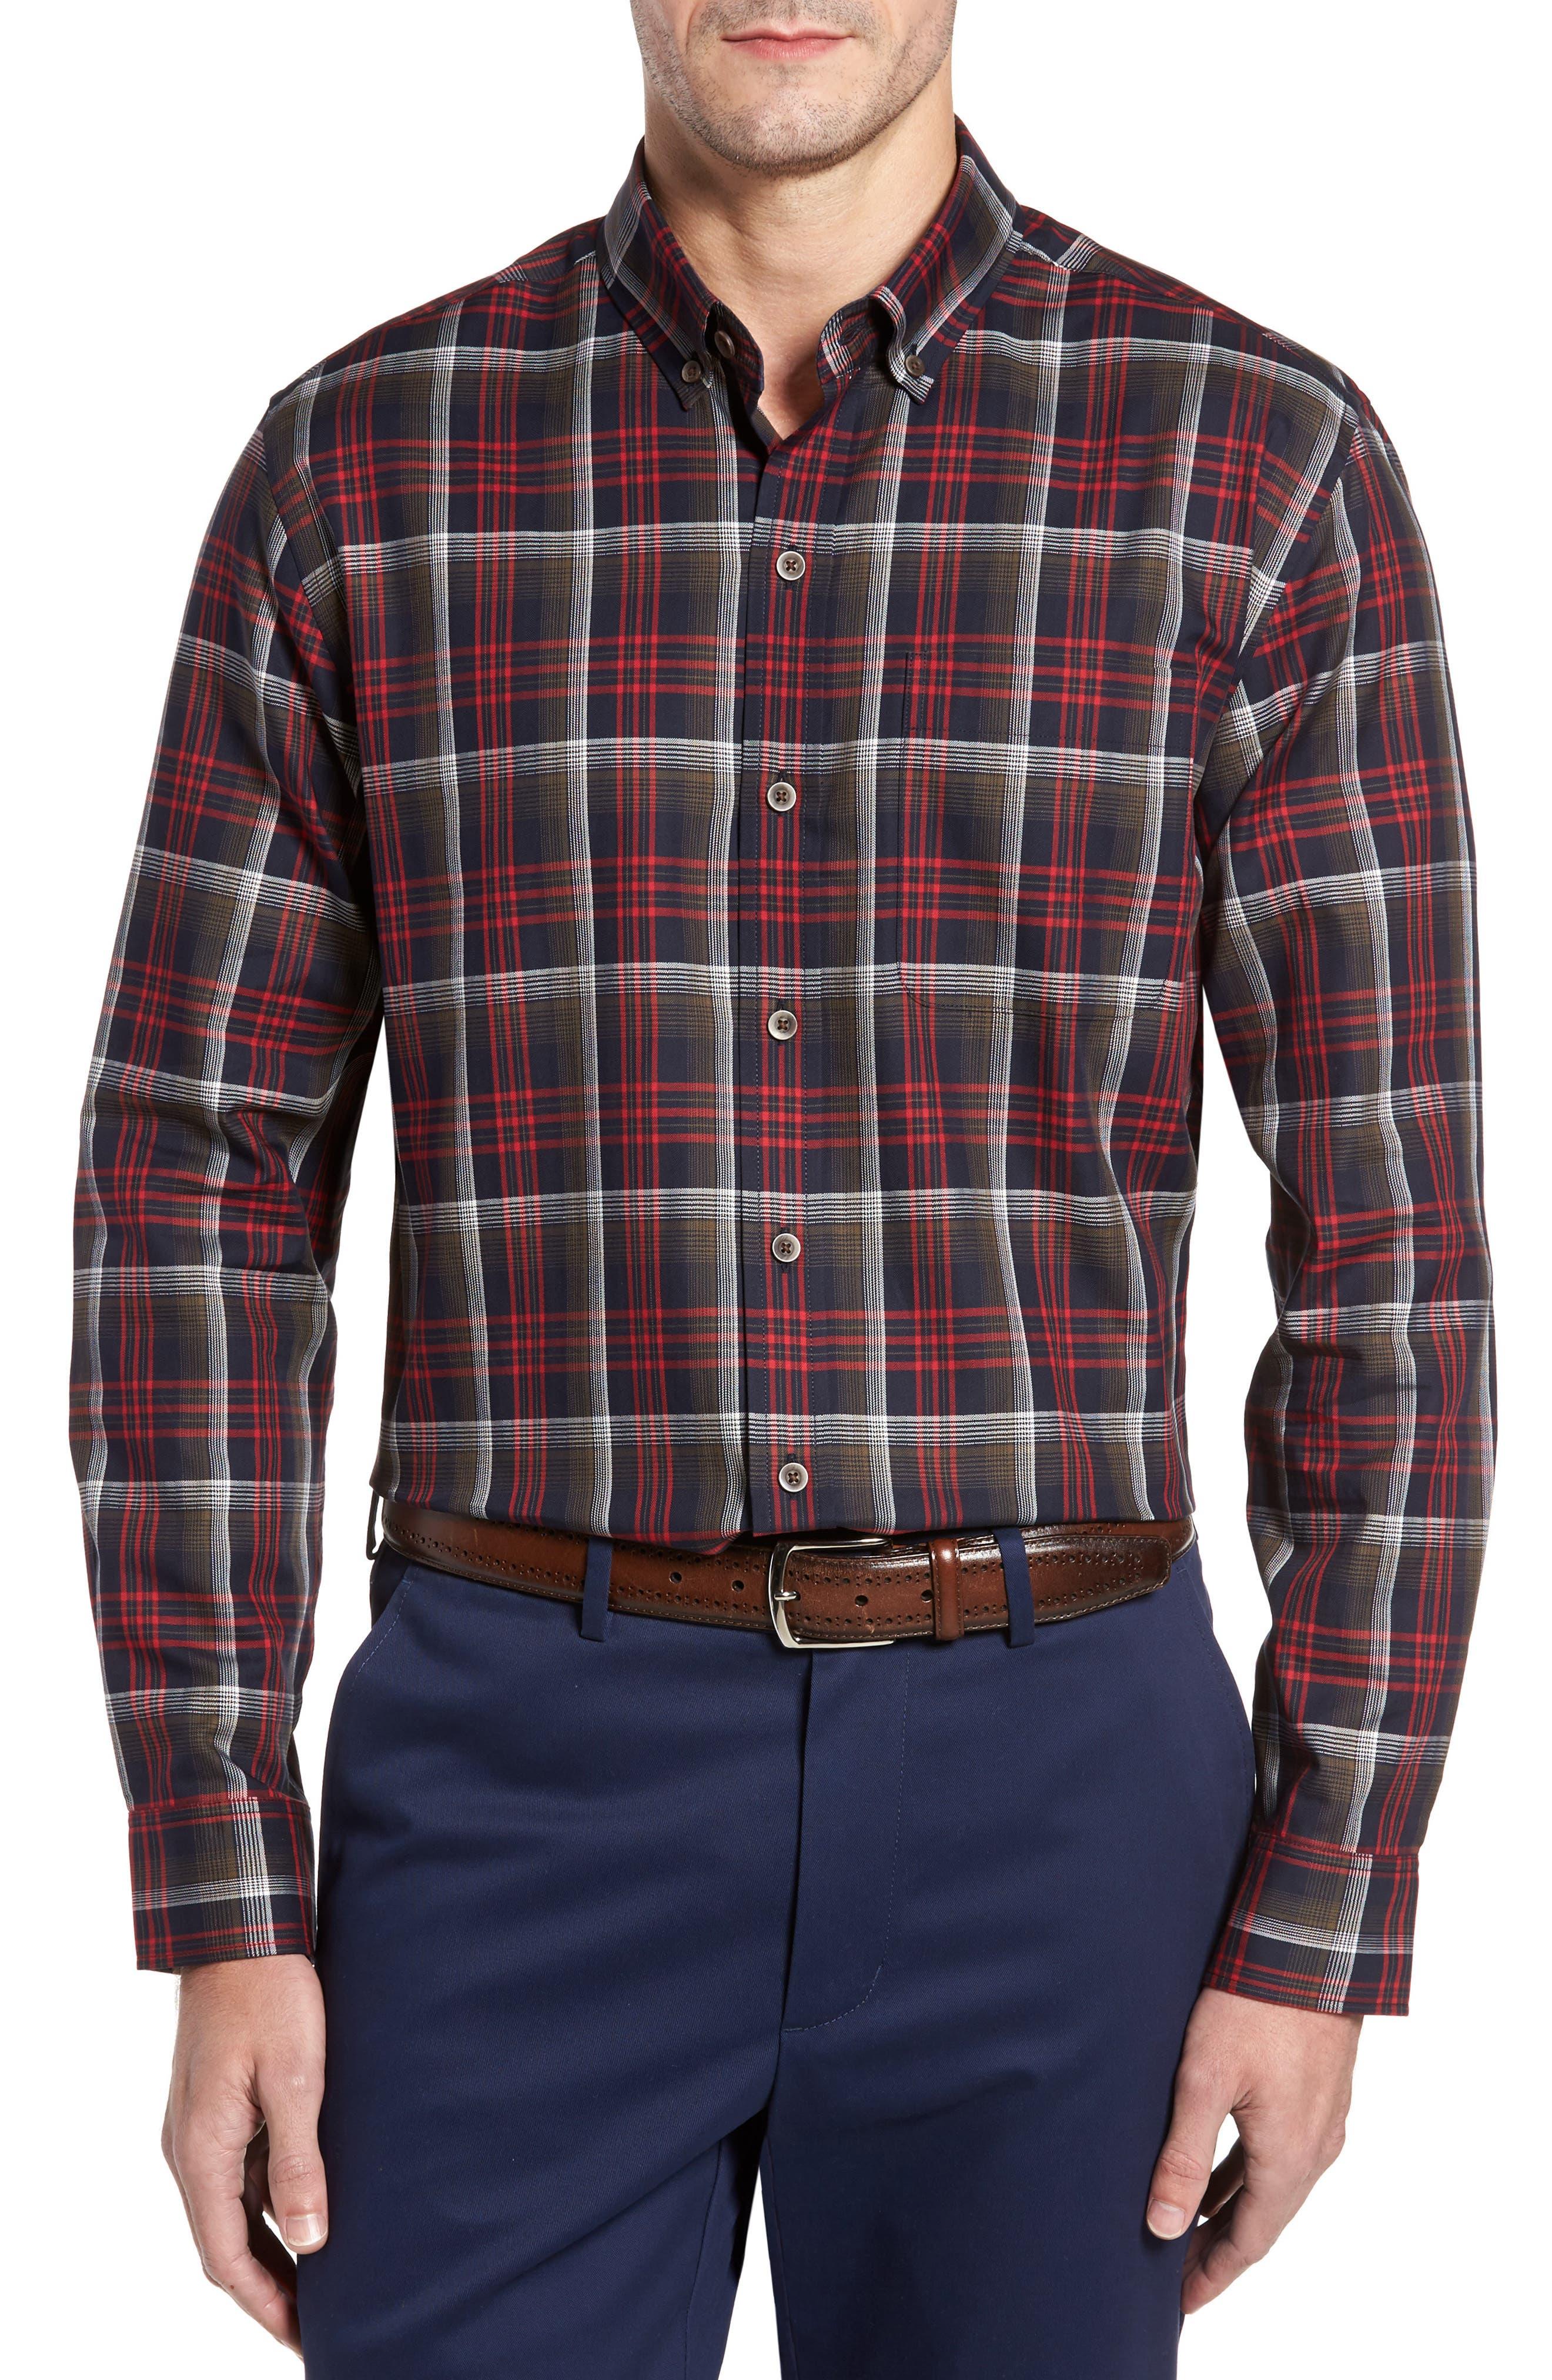 Cutter & Buck Dry Creek Non-Iron Plaid Sport Shirt